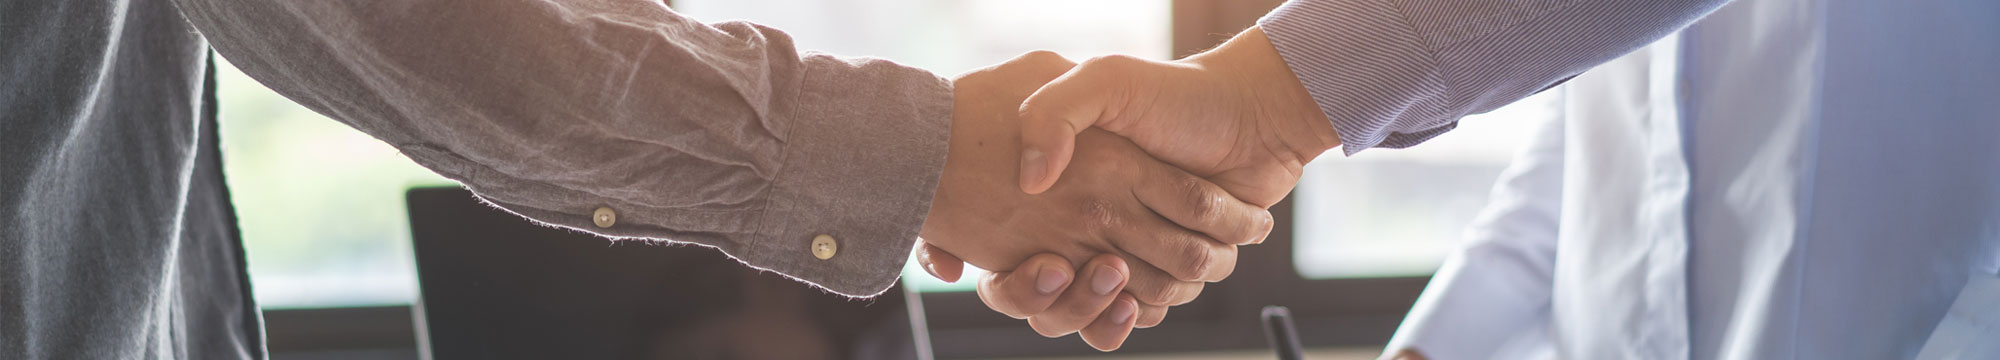 Medicorasse , el COMZ i la corredoria Mendivil signen un conveni  per reforçar el servei d'assegurances dels metges